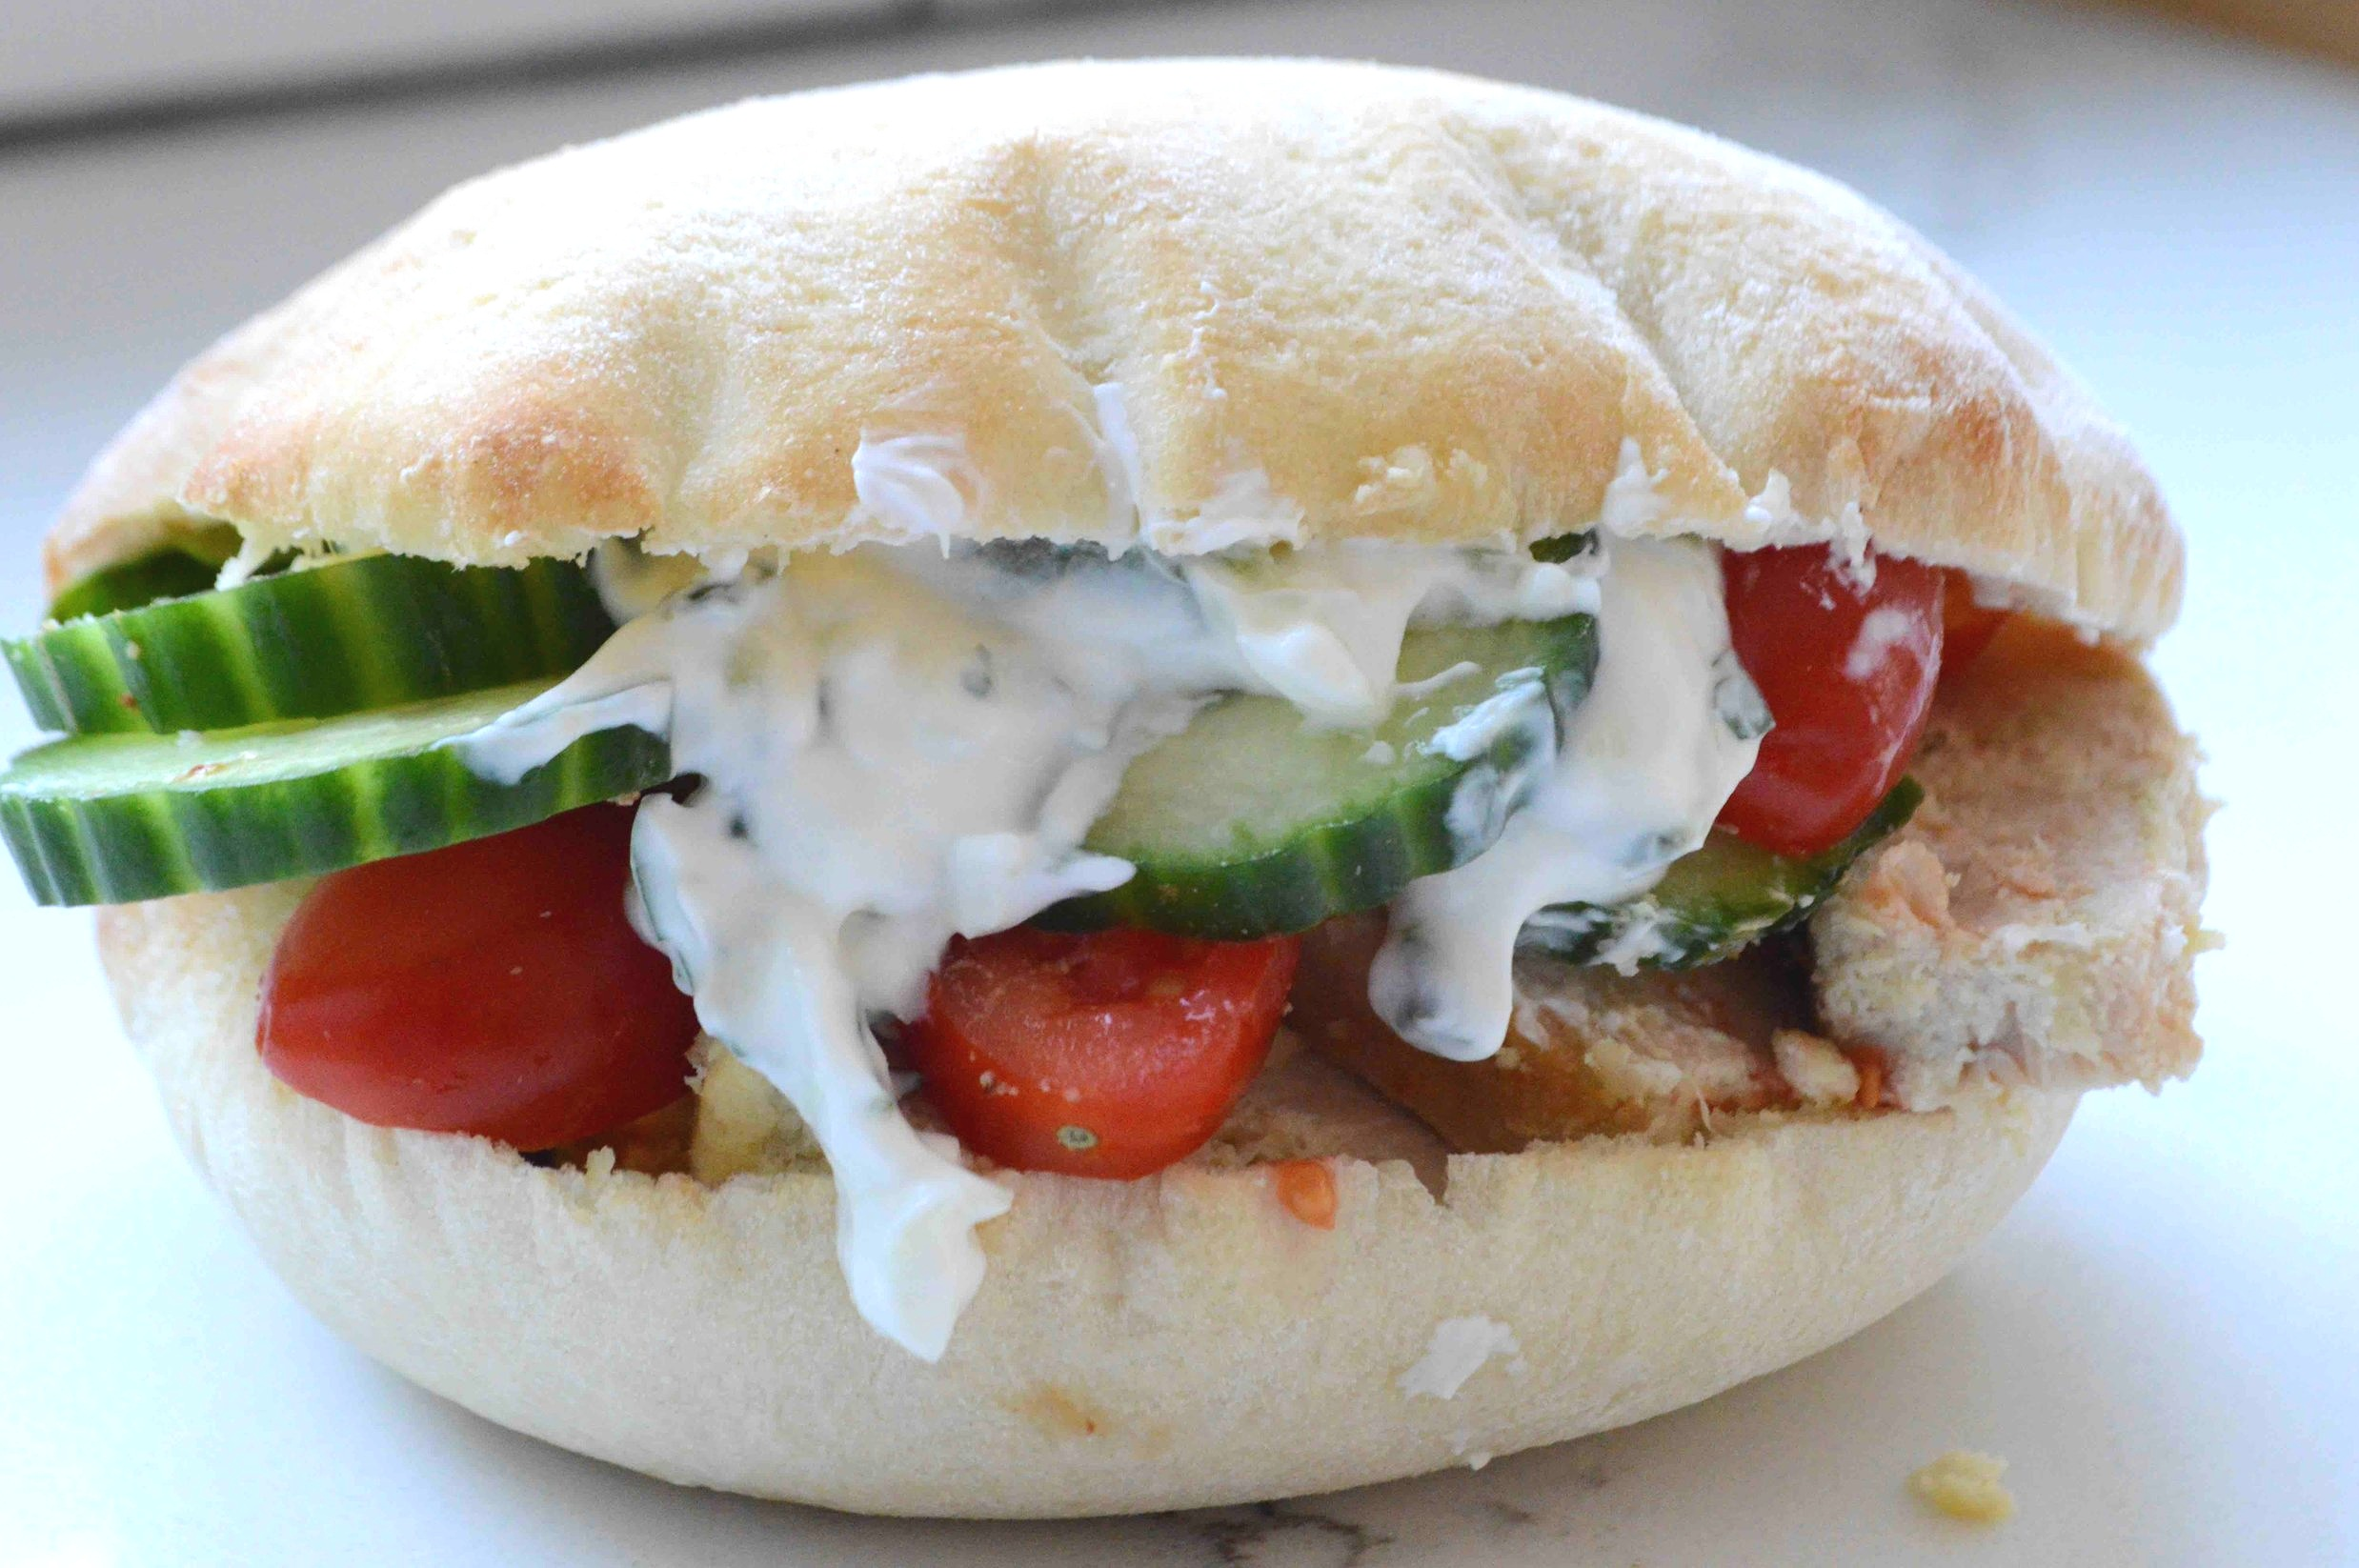 Greek+Chicken+Pita+Pockets+with+Homemade+Tzatziki